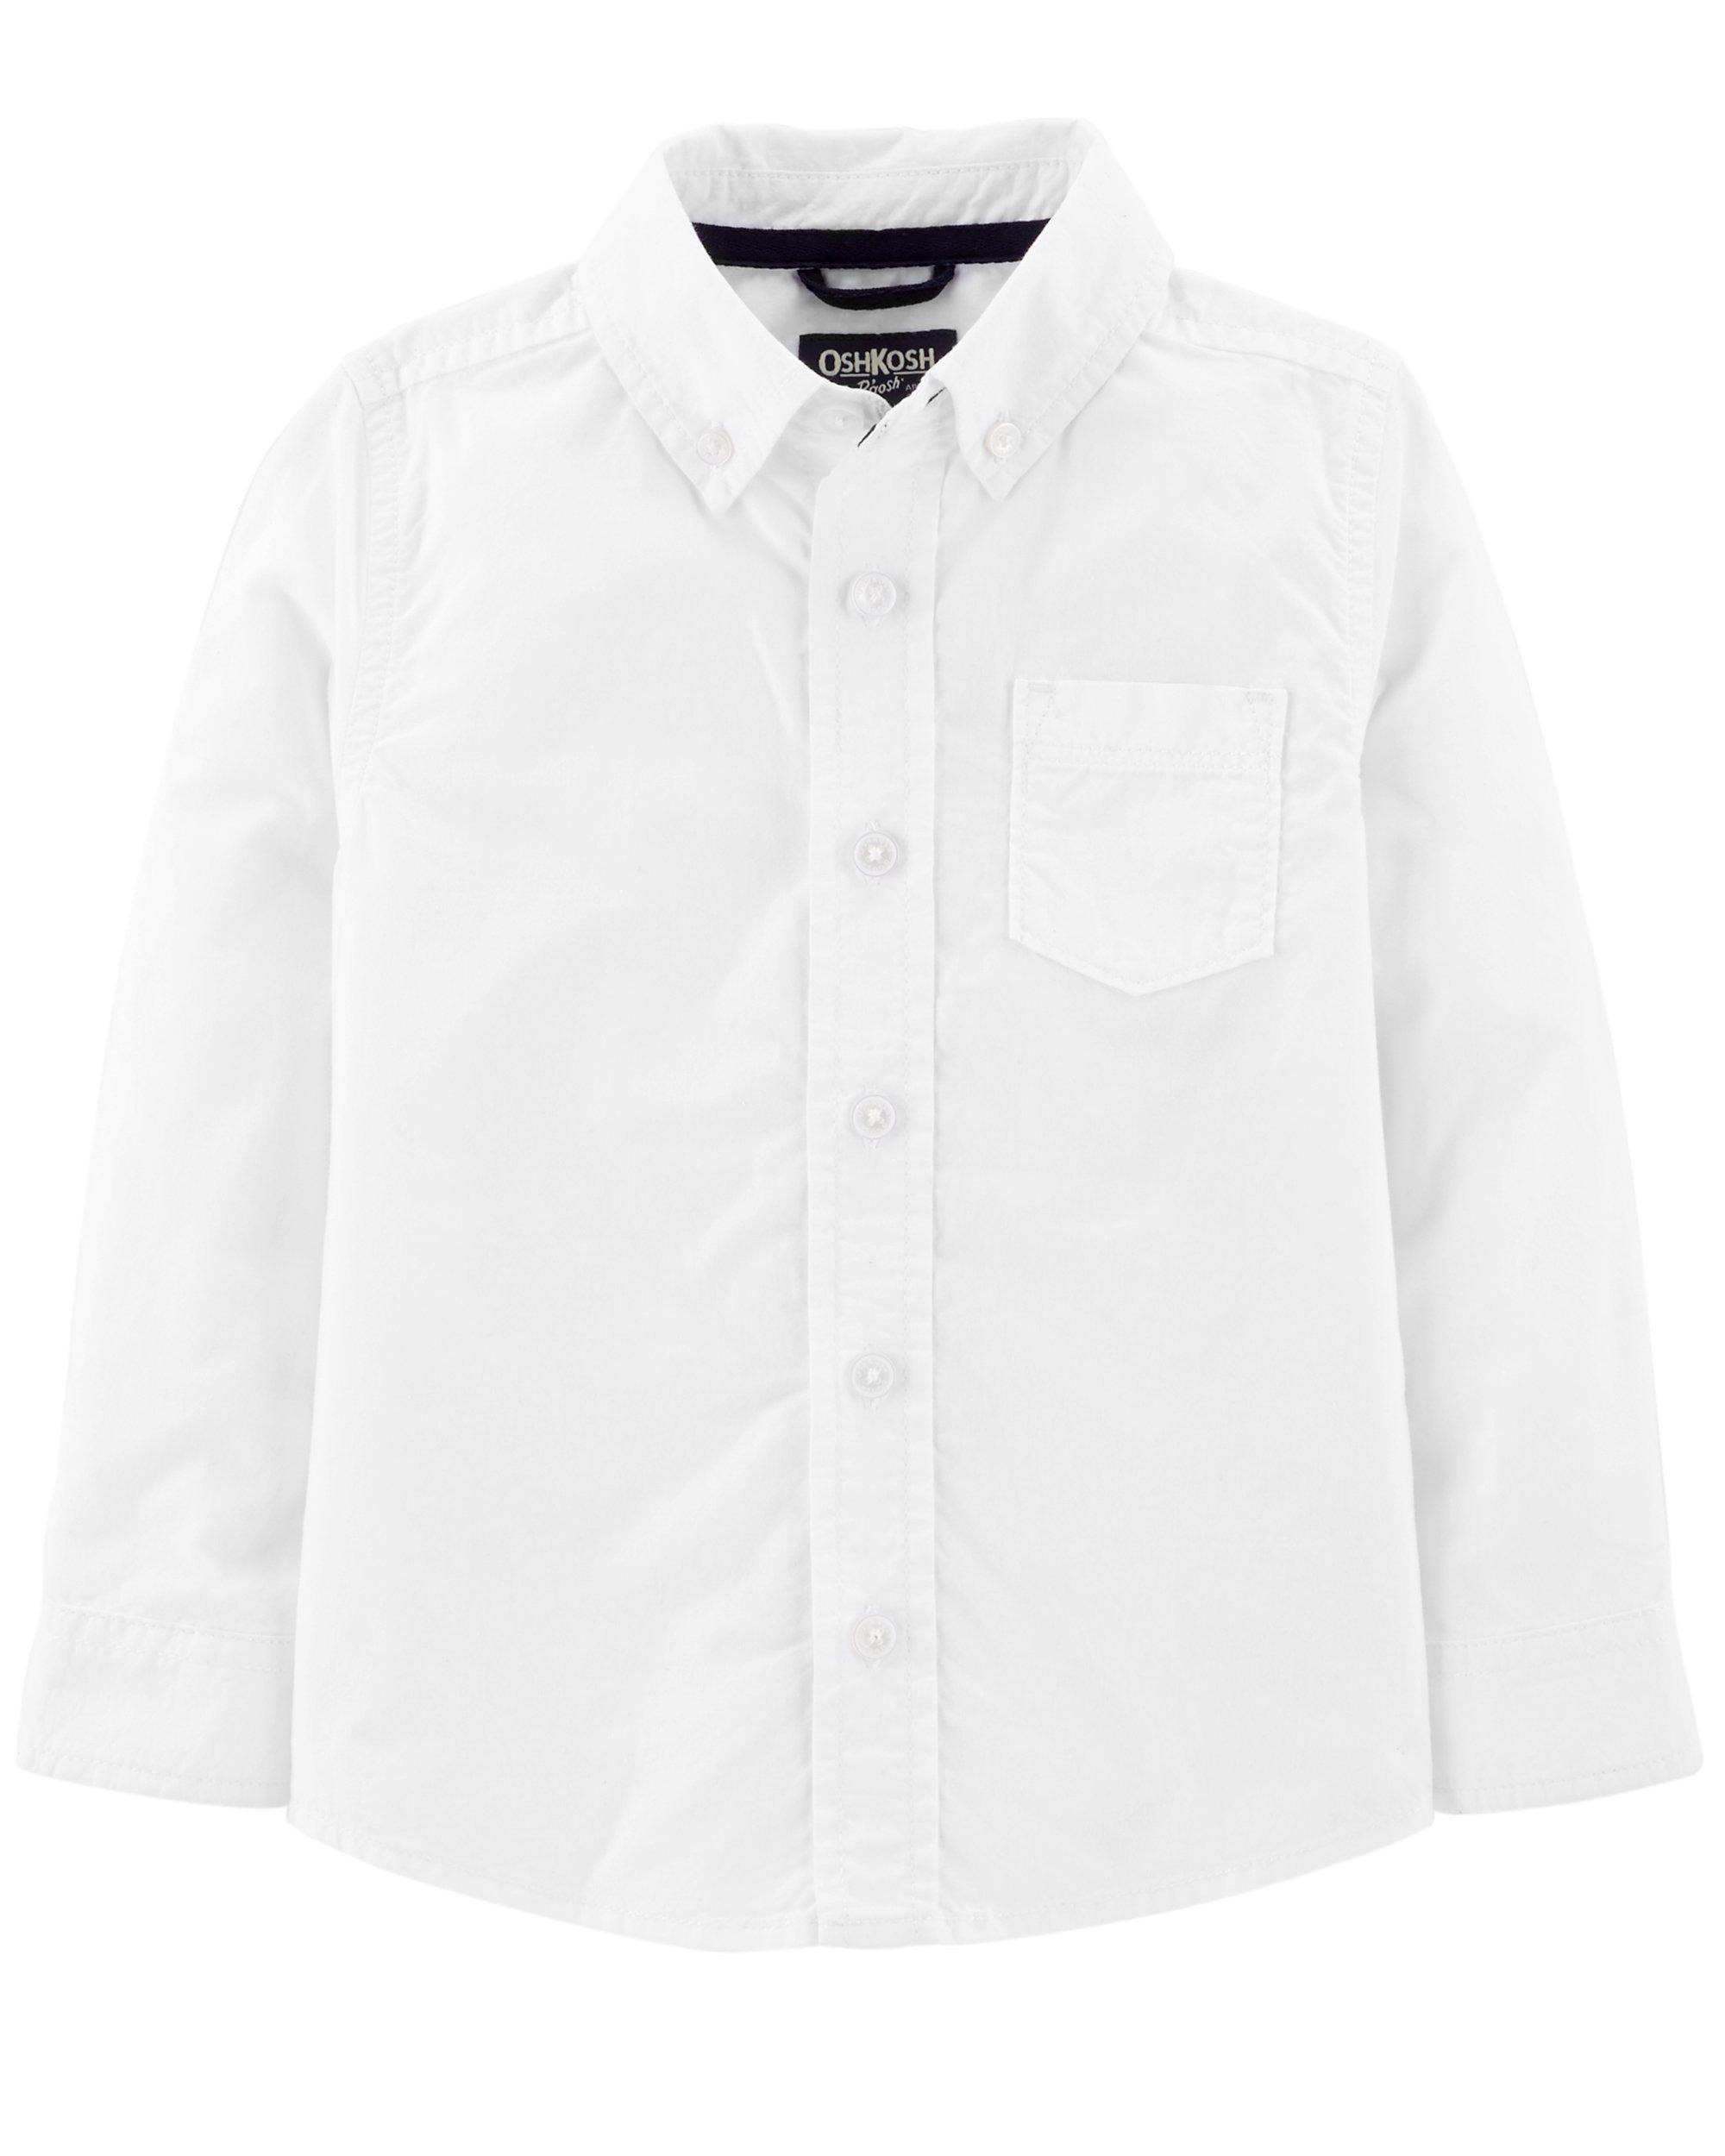 Osh Kosh Boys' Toddler Button-Front Shirt, White, 3T